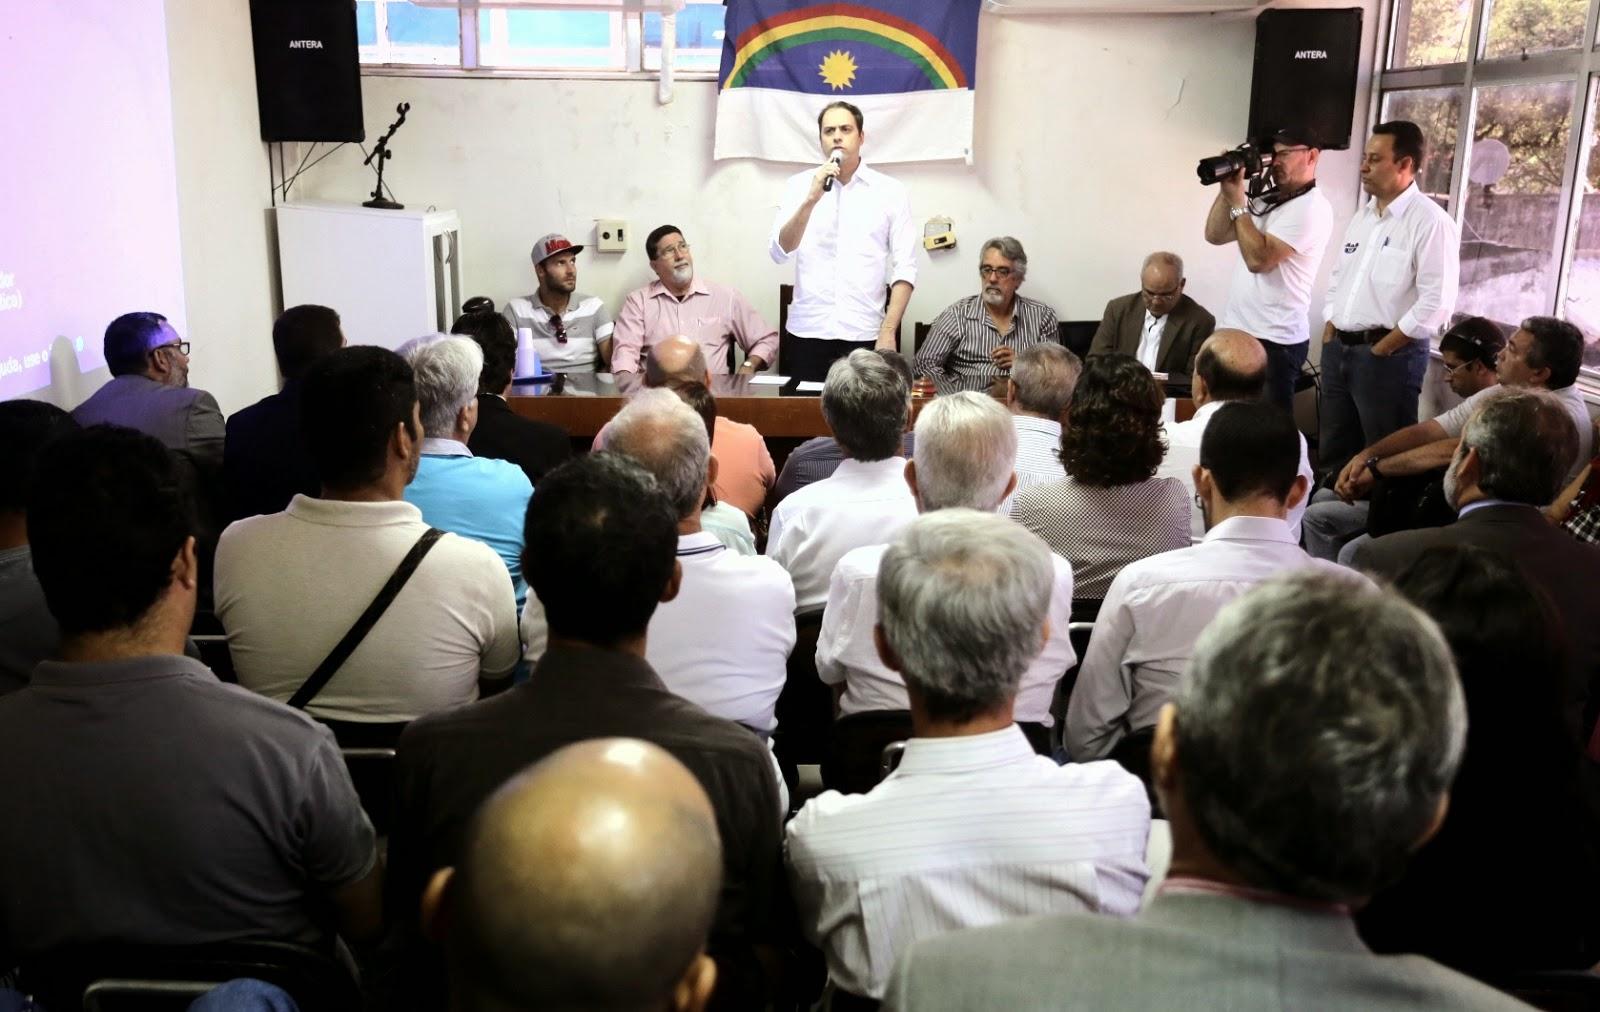 Dezesseis federações estaduais de esporte amador declaram voto em Paulo Câmara